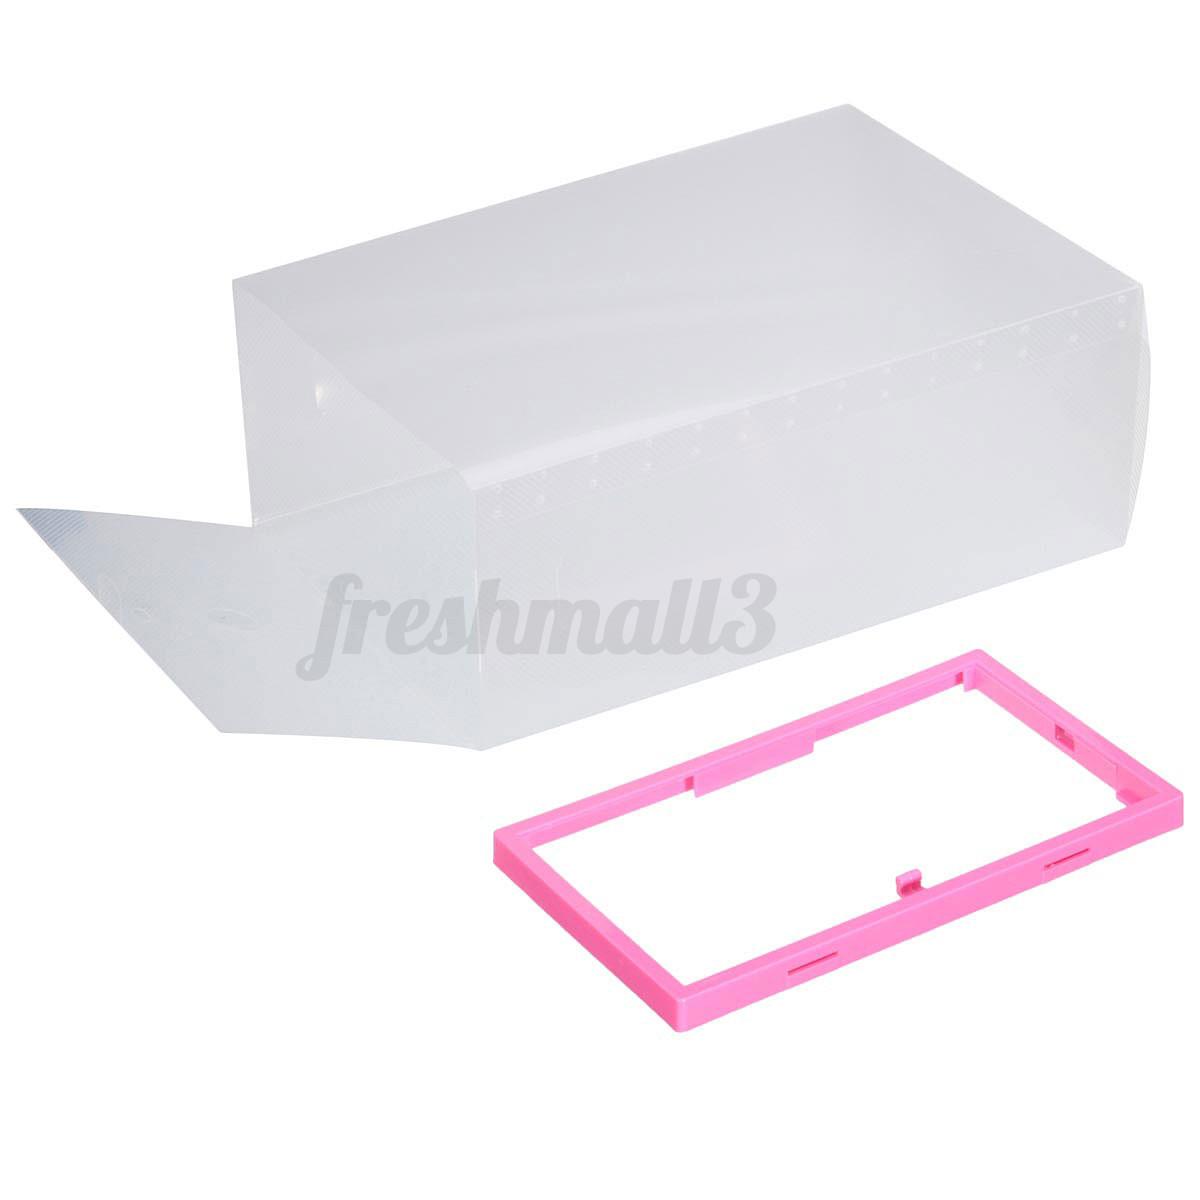 Impilabile scatole porta scarpe trasparente cassetto box - Scatole porta viti ...